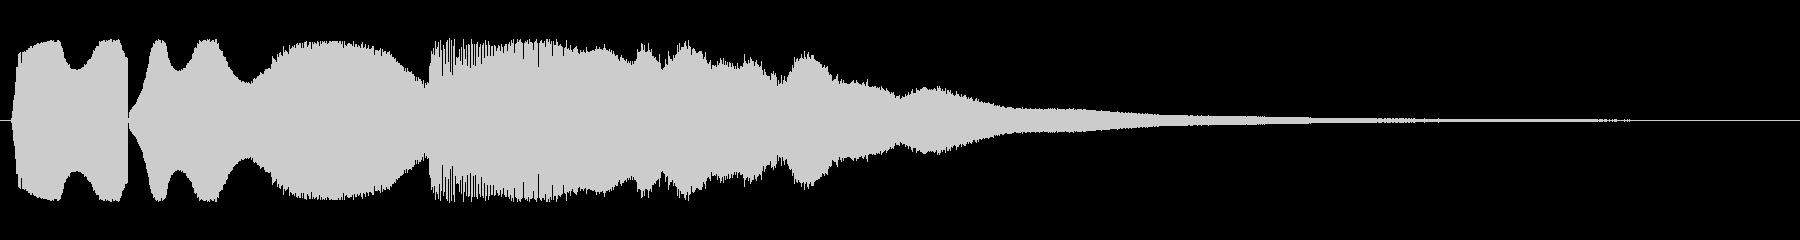 ピュウピューン(素早く去っていく音)の未再生の波形